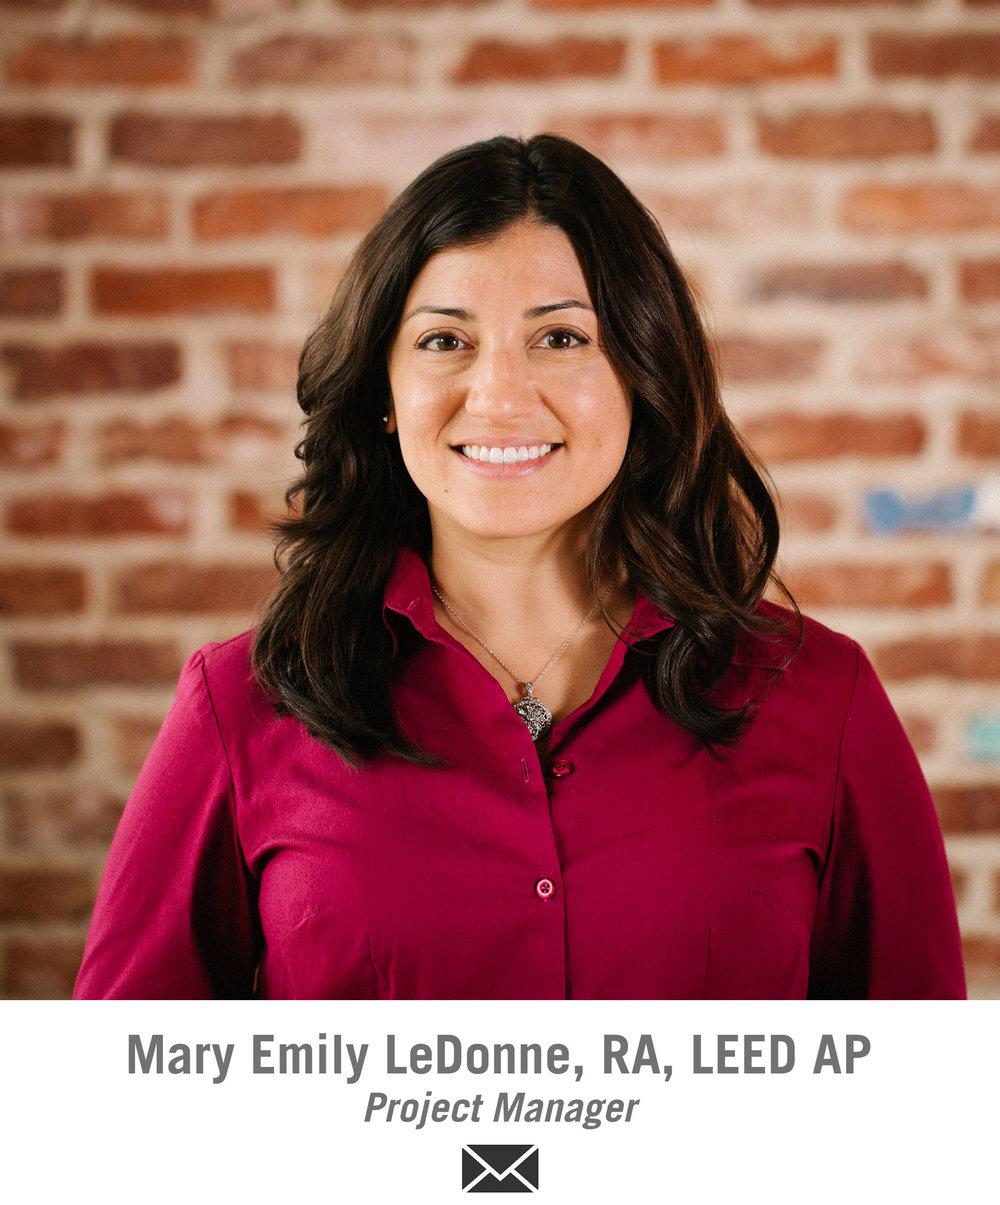 Mary Emily LeDonne.jpg